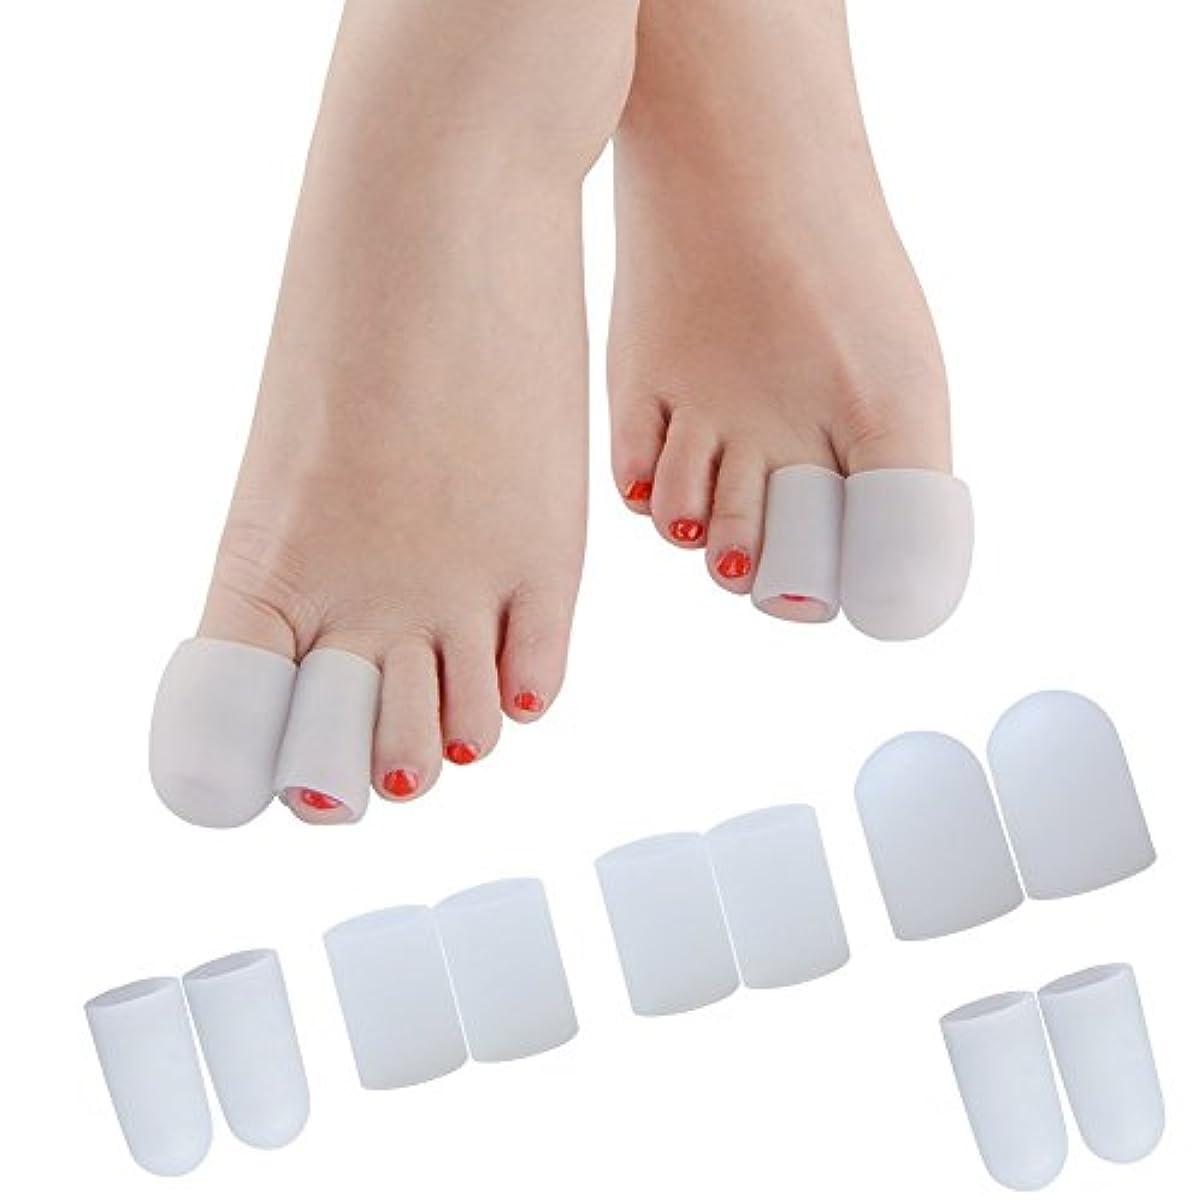 ジャンクションお風呂を持っている先生Povihome 足指 足爪 保護キャップ 親指, 足先のつめ保護キャップ, つま先キャップ 白い 5ペア,足指保護キャップ